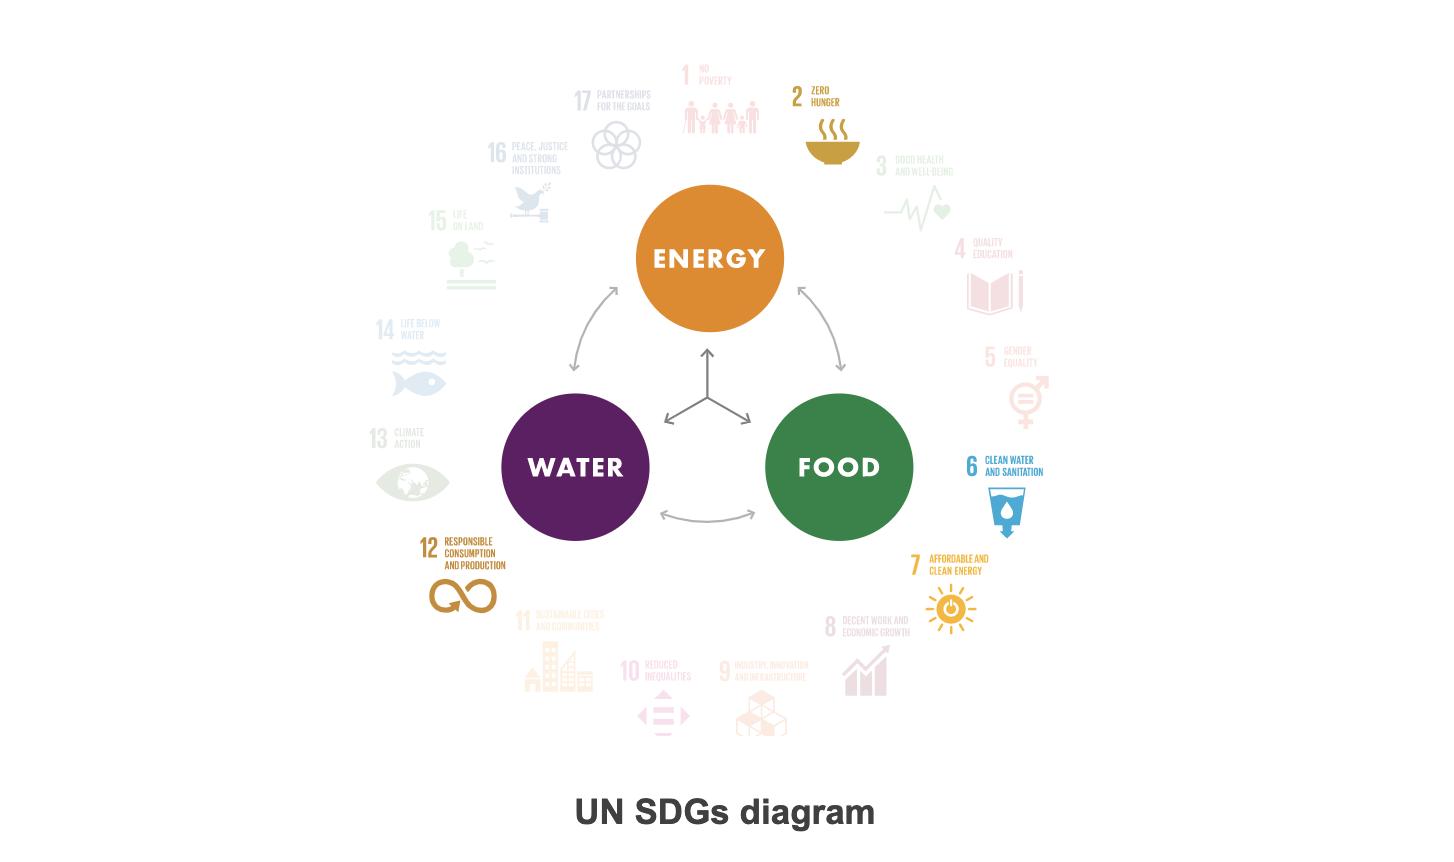 UN SDG diagram Oman